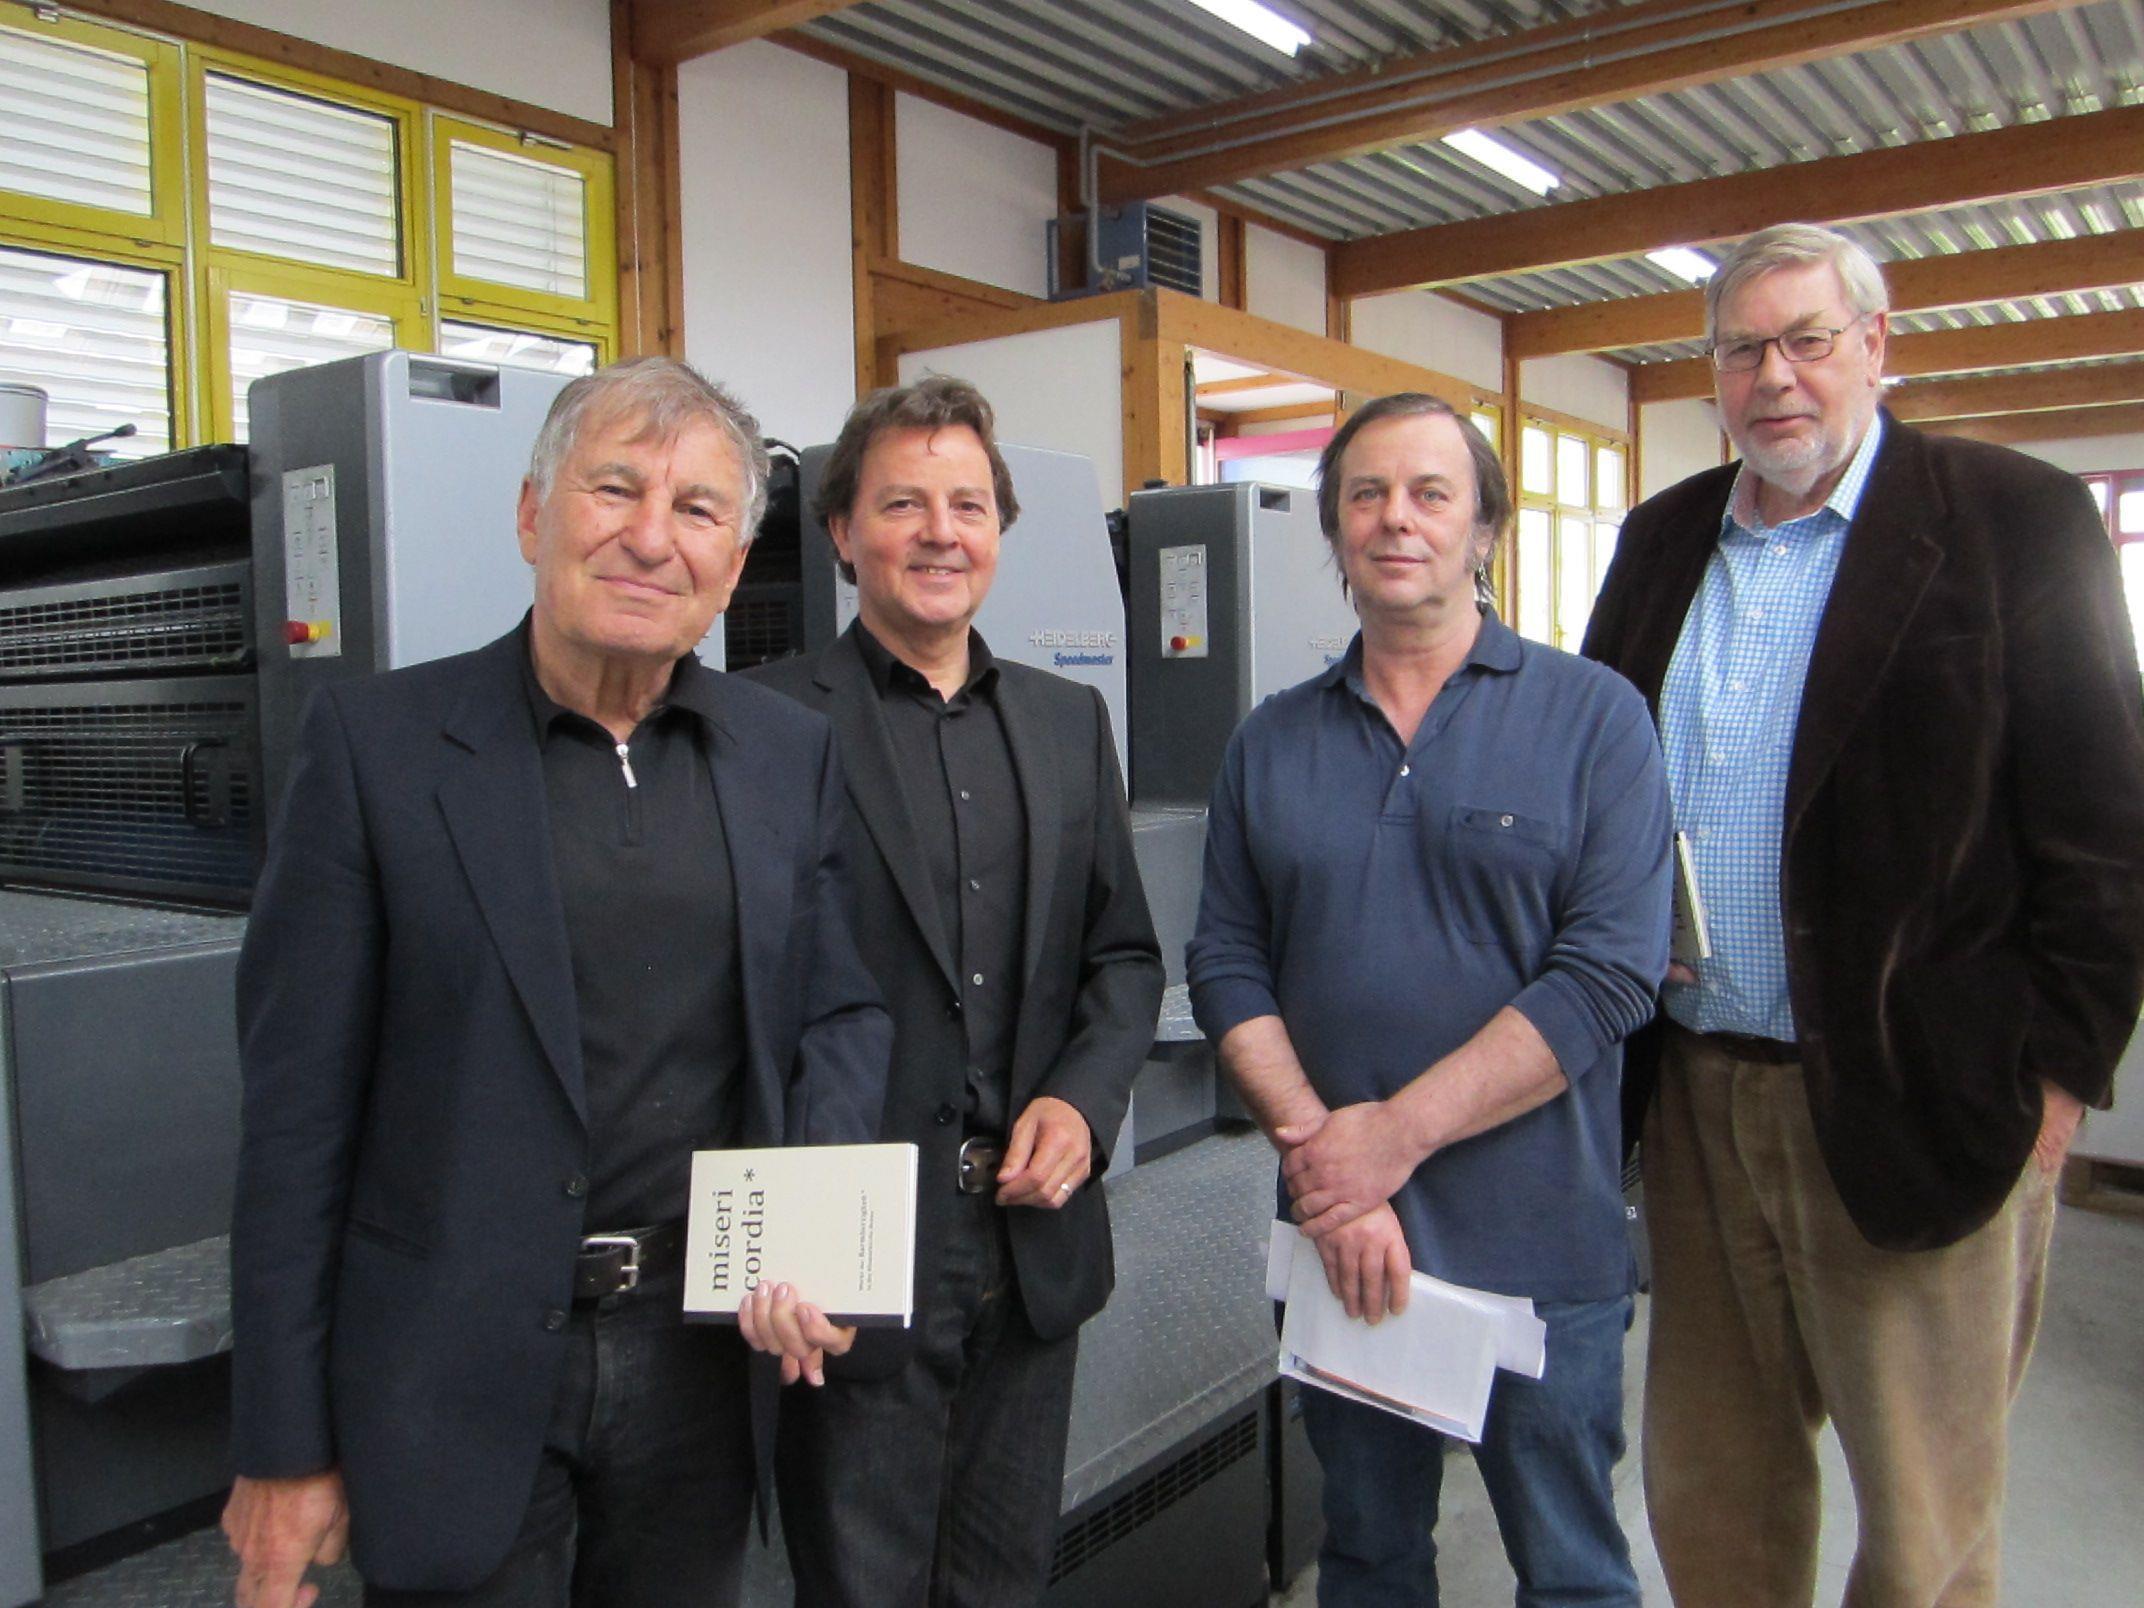 """Über das """"Werk der Barmherzigkeit"""" freuen sich Prof. Gerhard Winkler, Günter Bucher, Dietmar Waibel und DI Helmut Battlogg"""